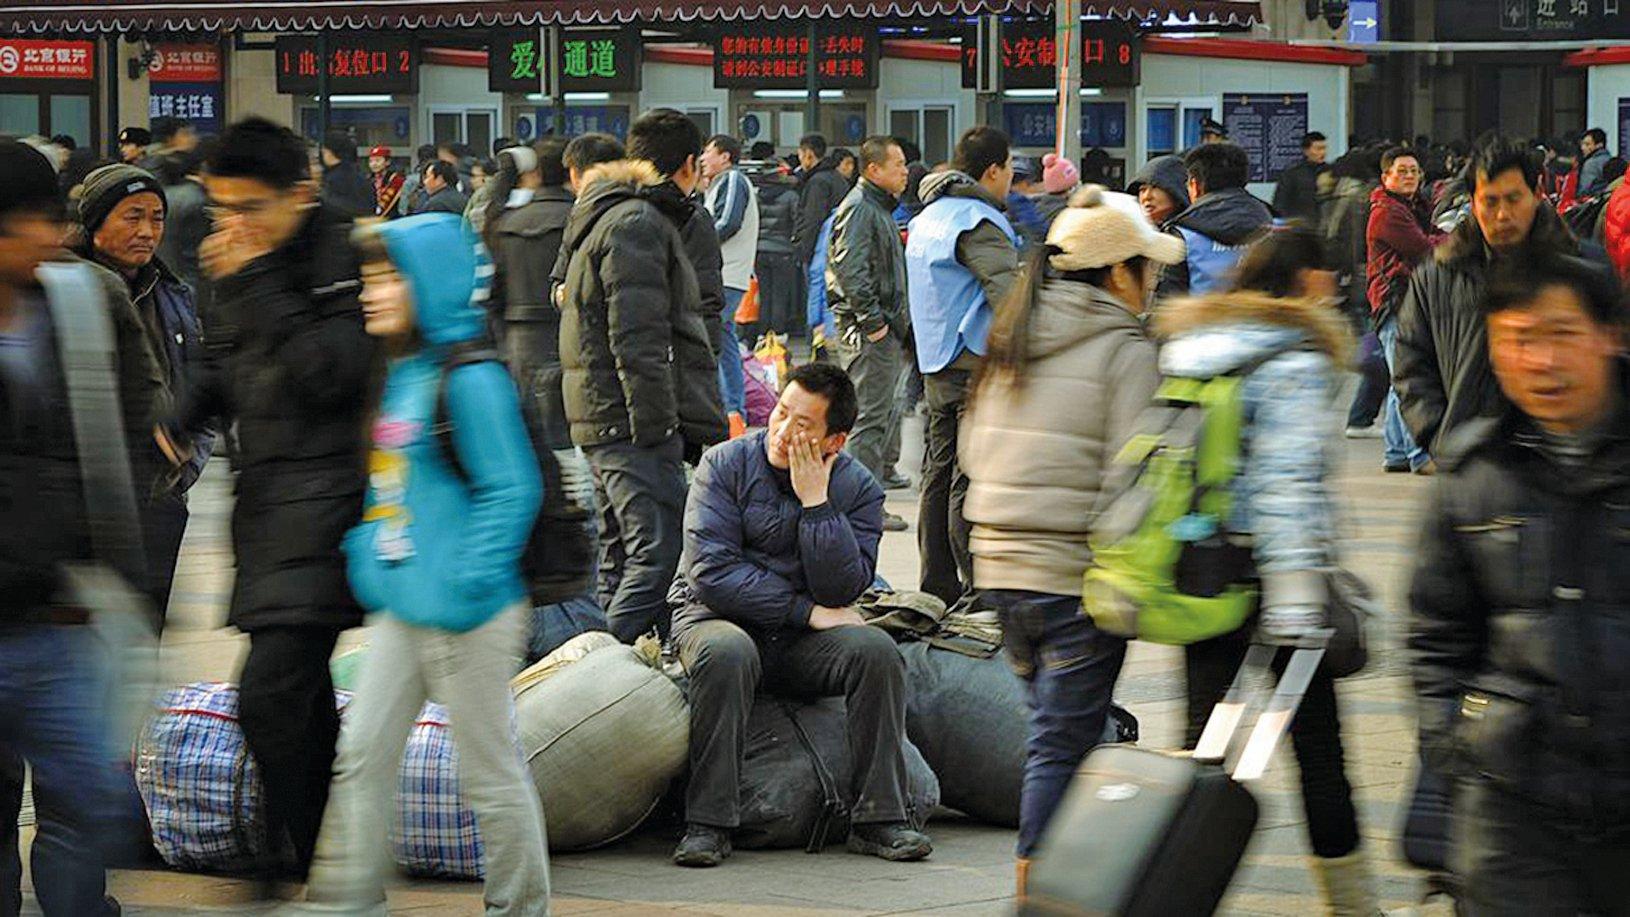 日前,中共體制內學者表示,瘟疫對就業市場帶來嚴重破壞,目前仍有約8千萬人未復工。(MARK RALSTON/AFP via Getty Images)